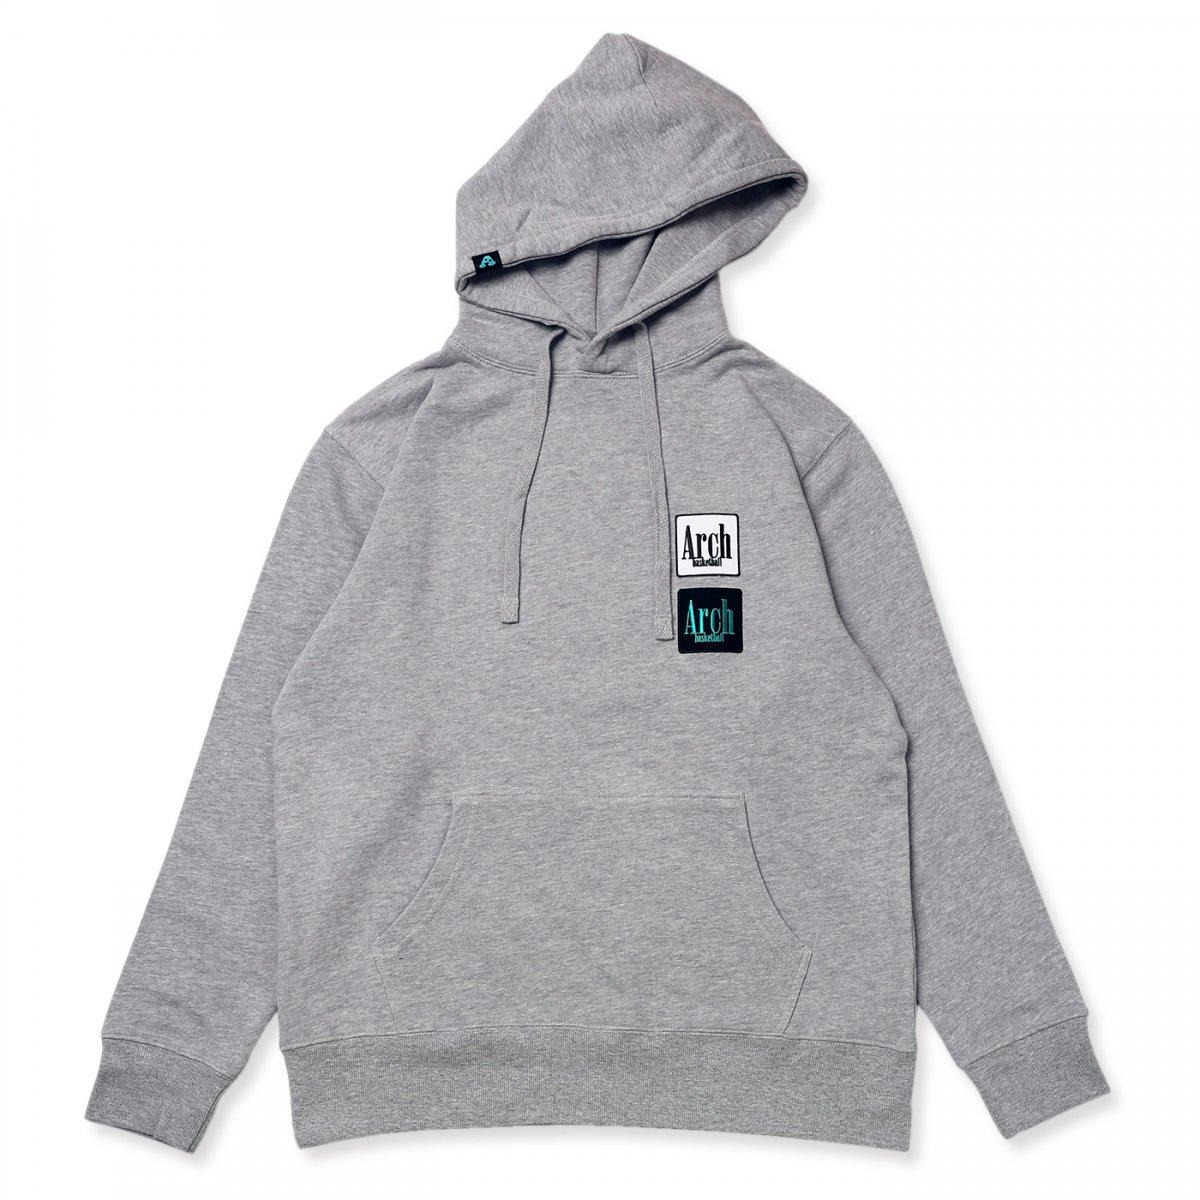 square logo P/O parka【gray】